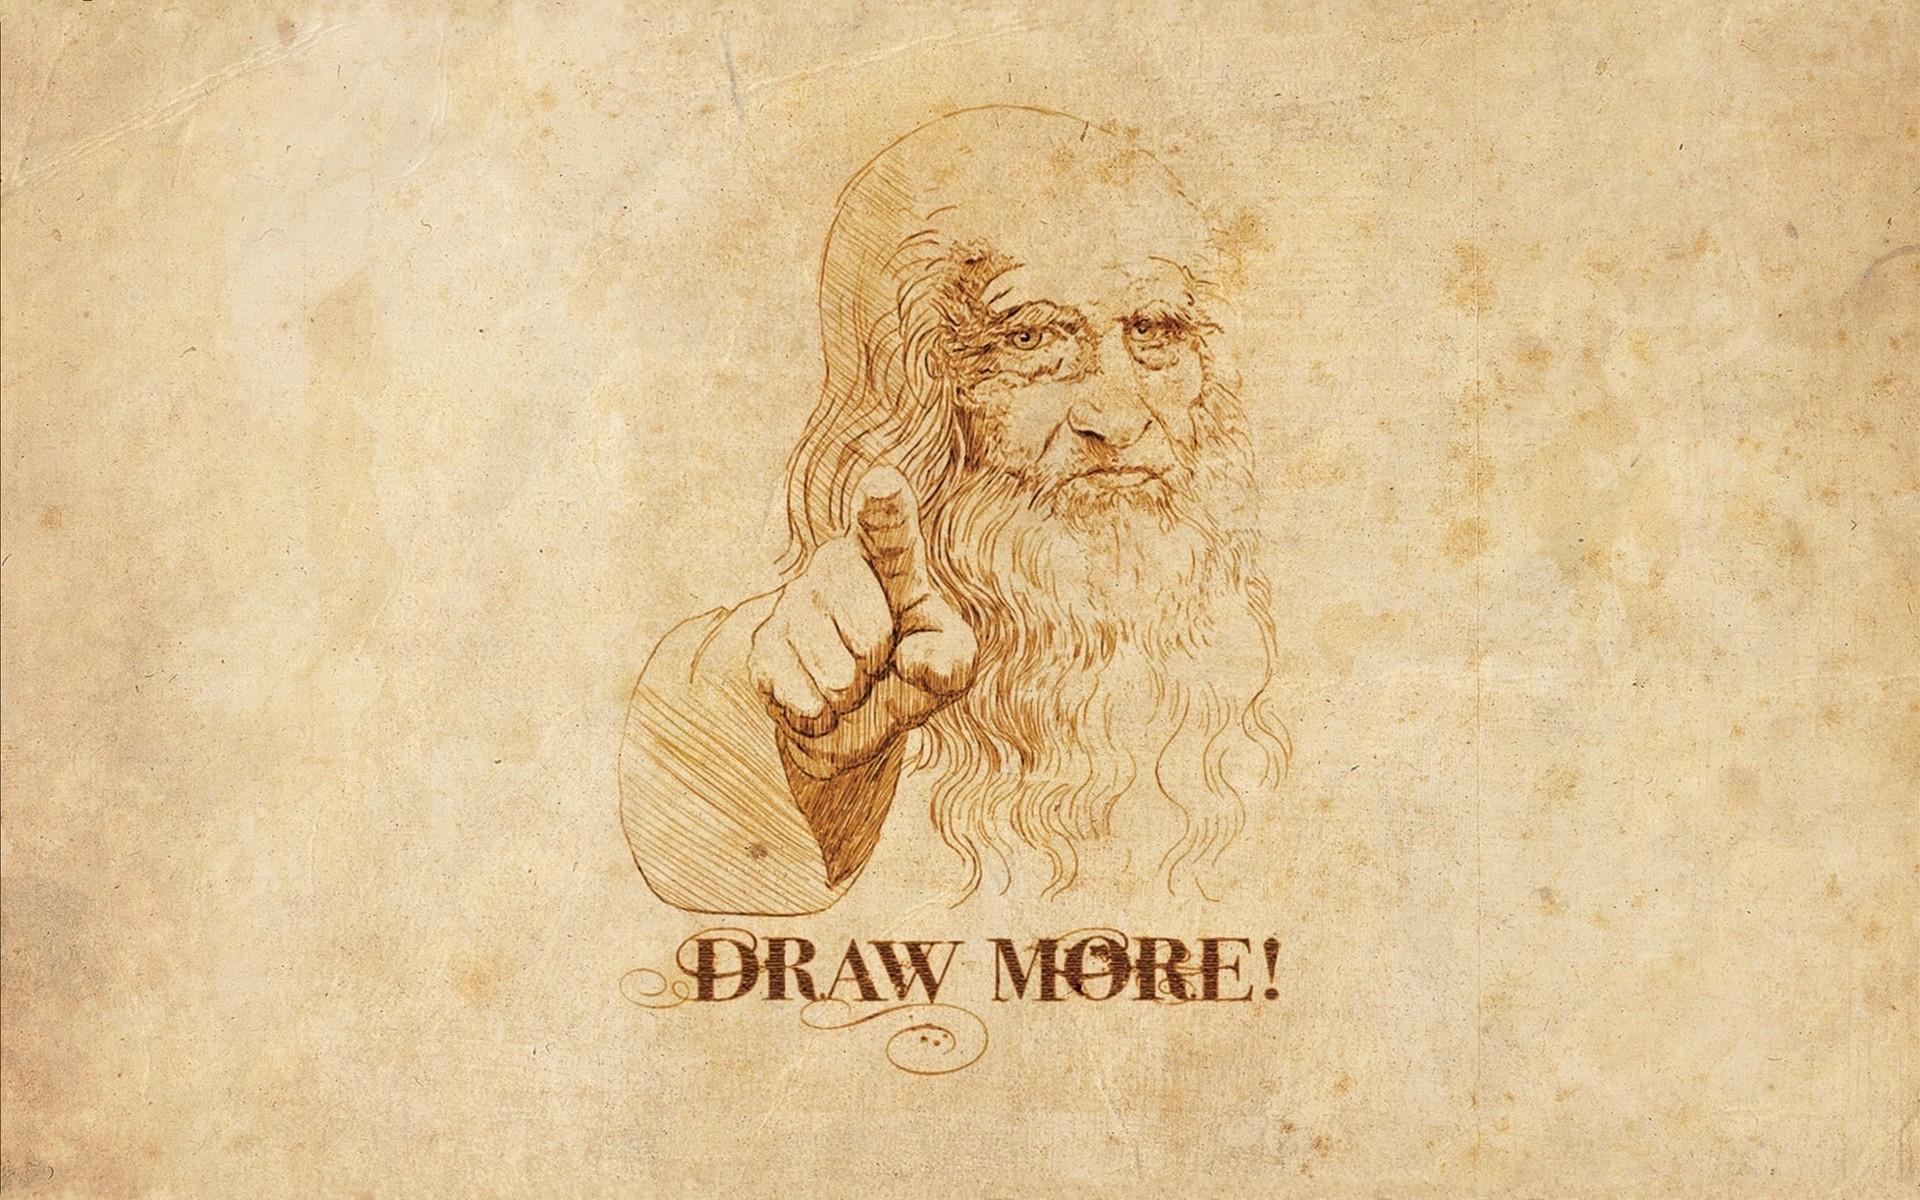 humor, Leonardo da Vinci - wallpaper #120131 (1920x1200px) on Wallls.com